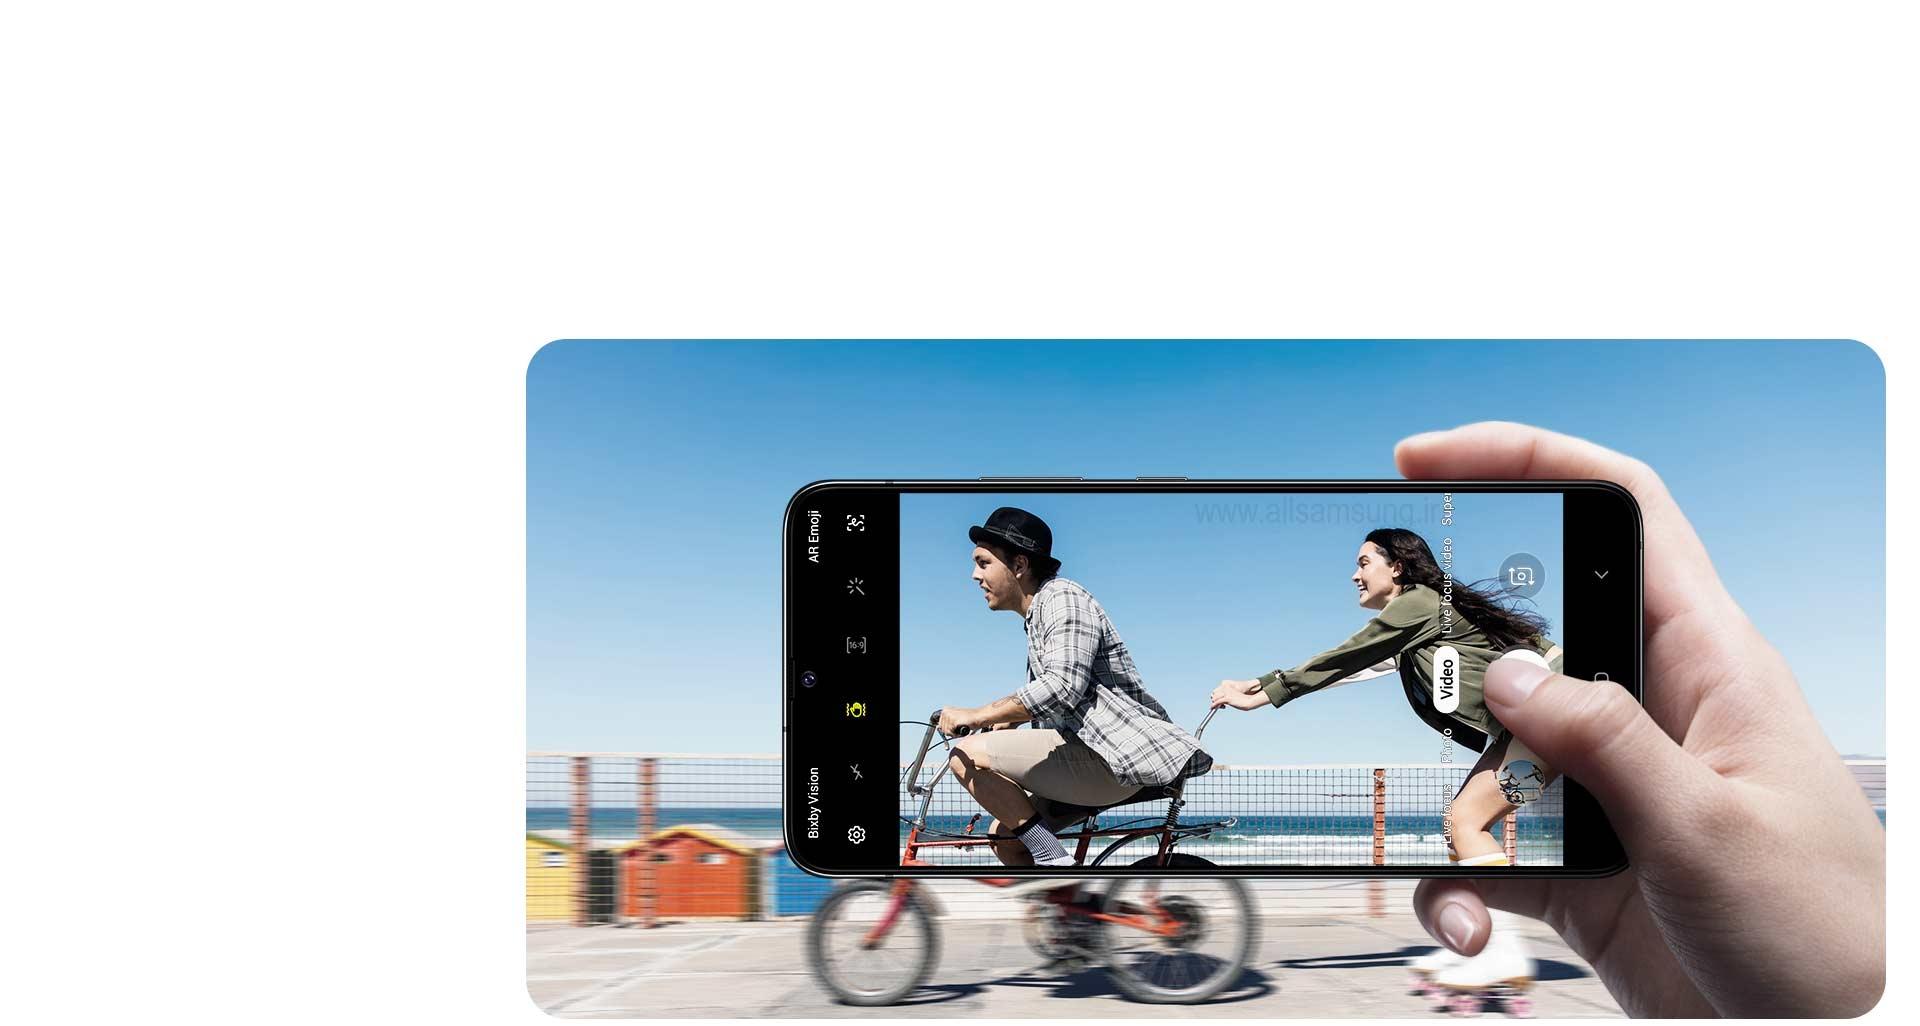 ثبت ویدیوهایی بدون لرزش توسط گوشی A90 سامسونگ